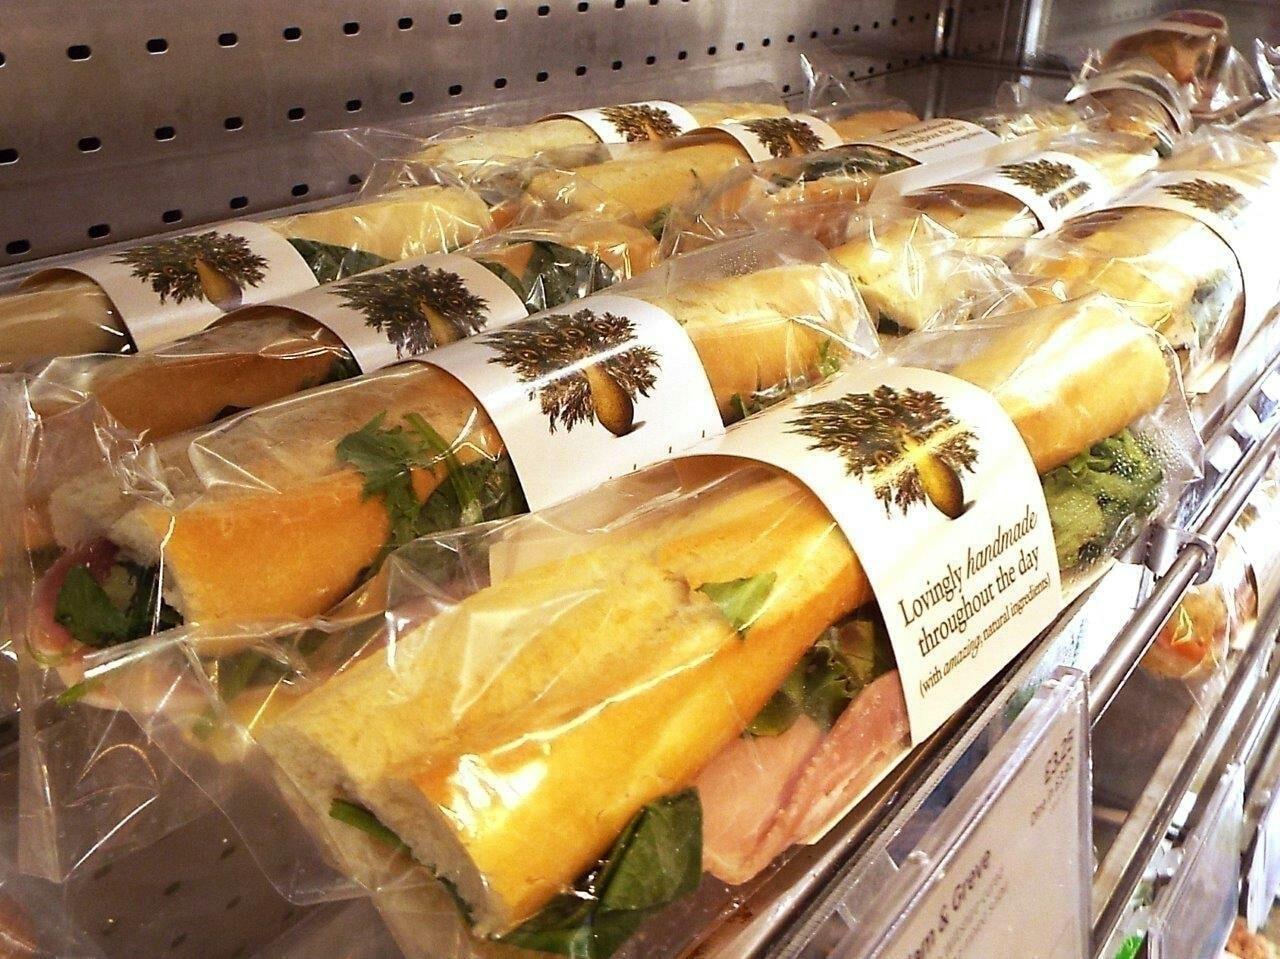 PRET *MEAT* Various sandwiches wraps baguettes salads